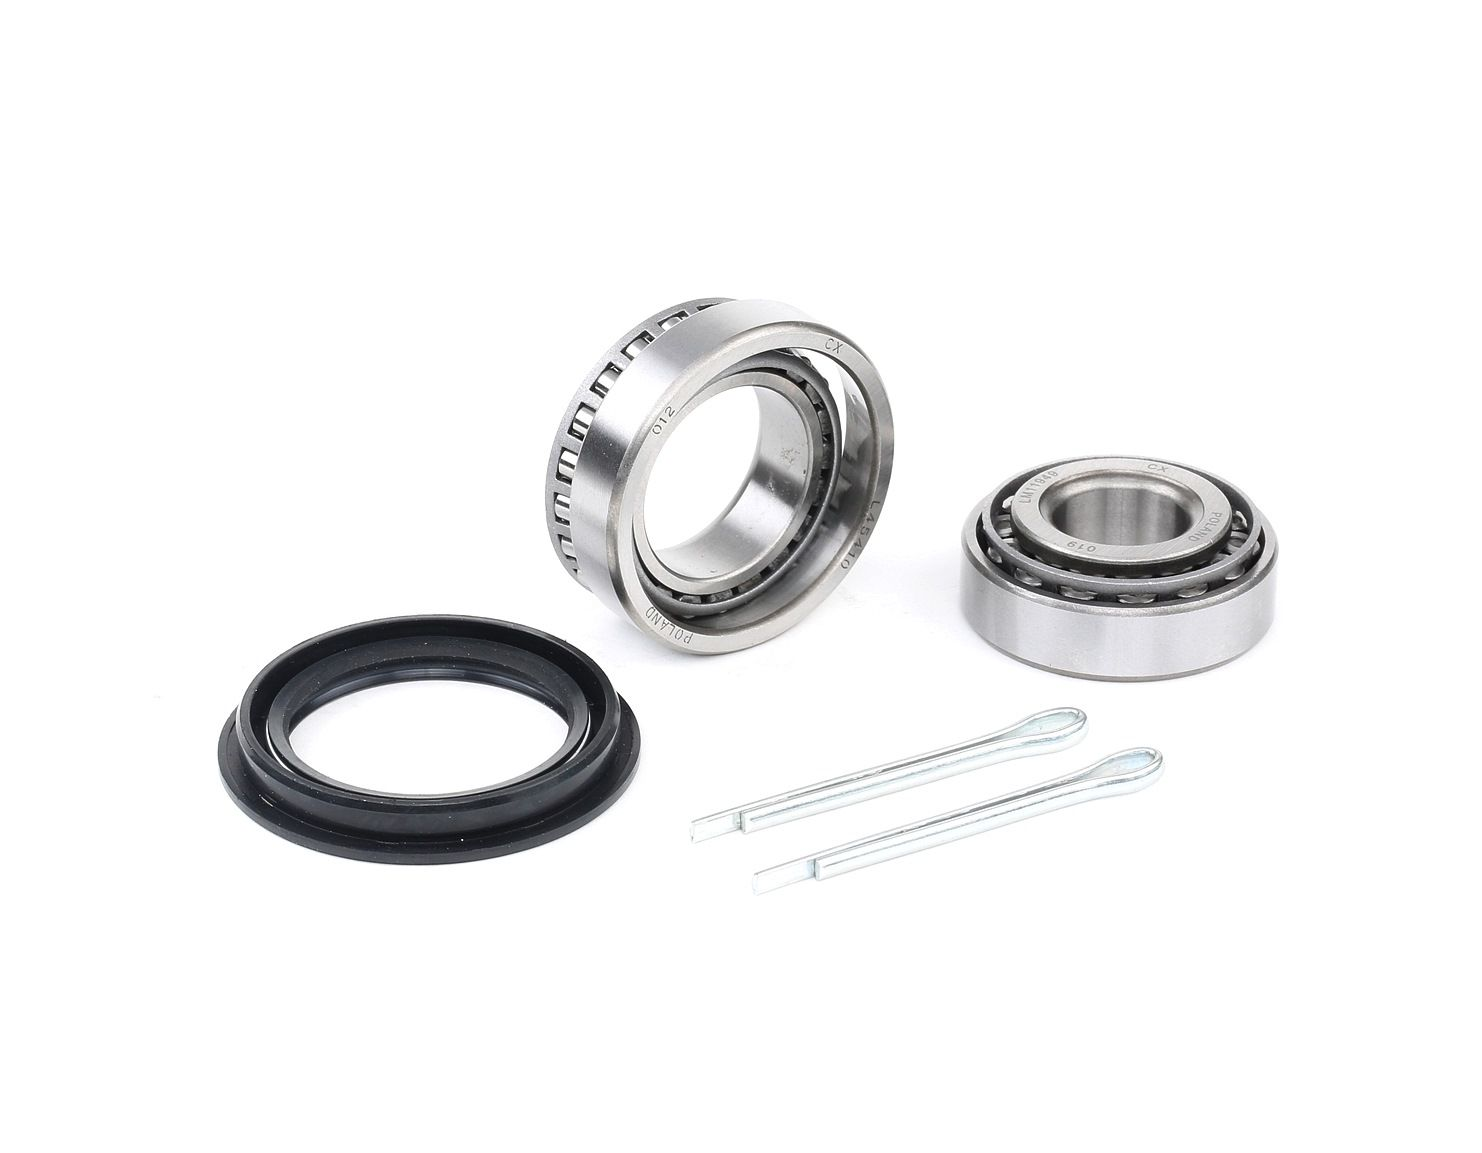 Radlager & Radlagersatz MAXGEAR 33-0404 Bewertung